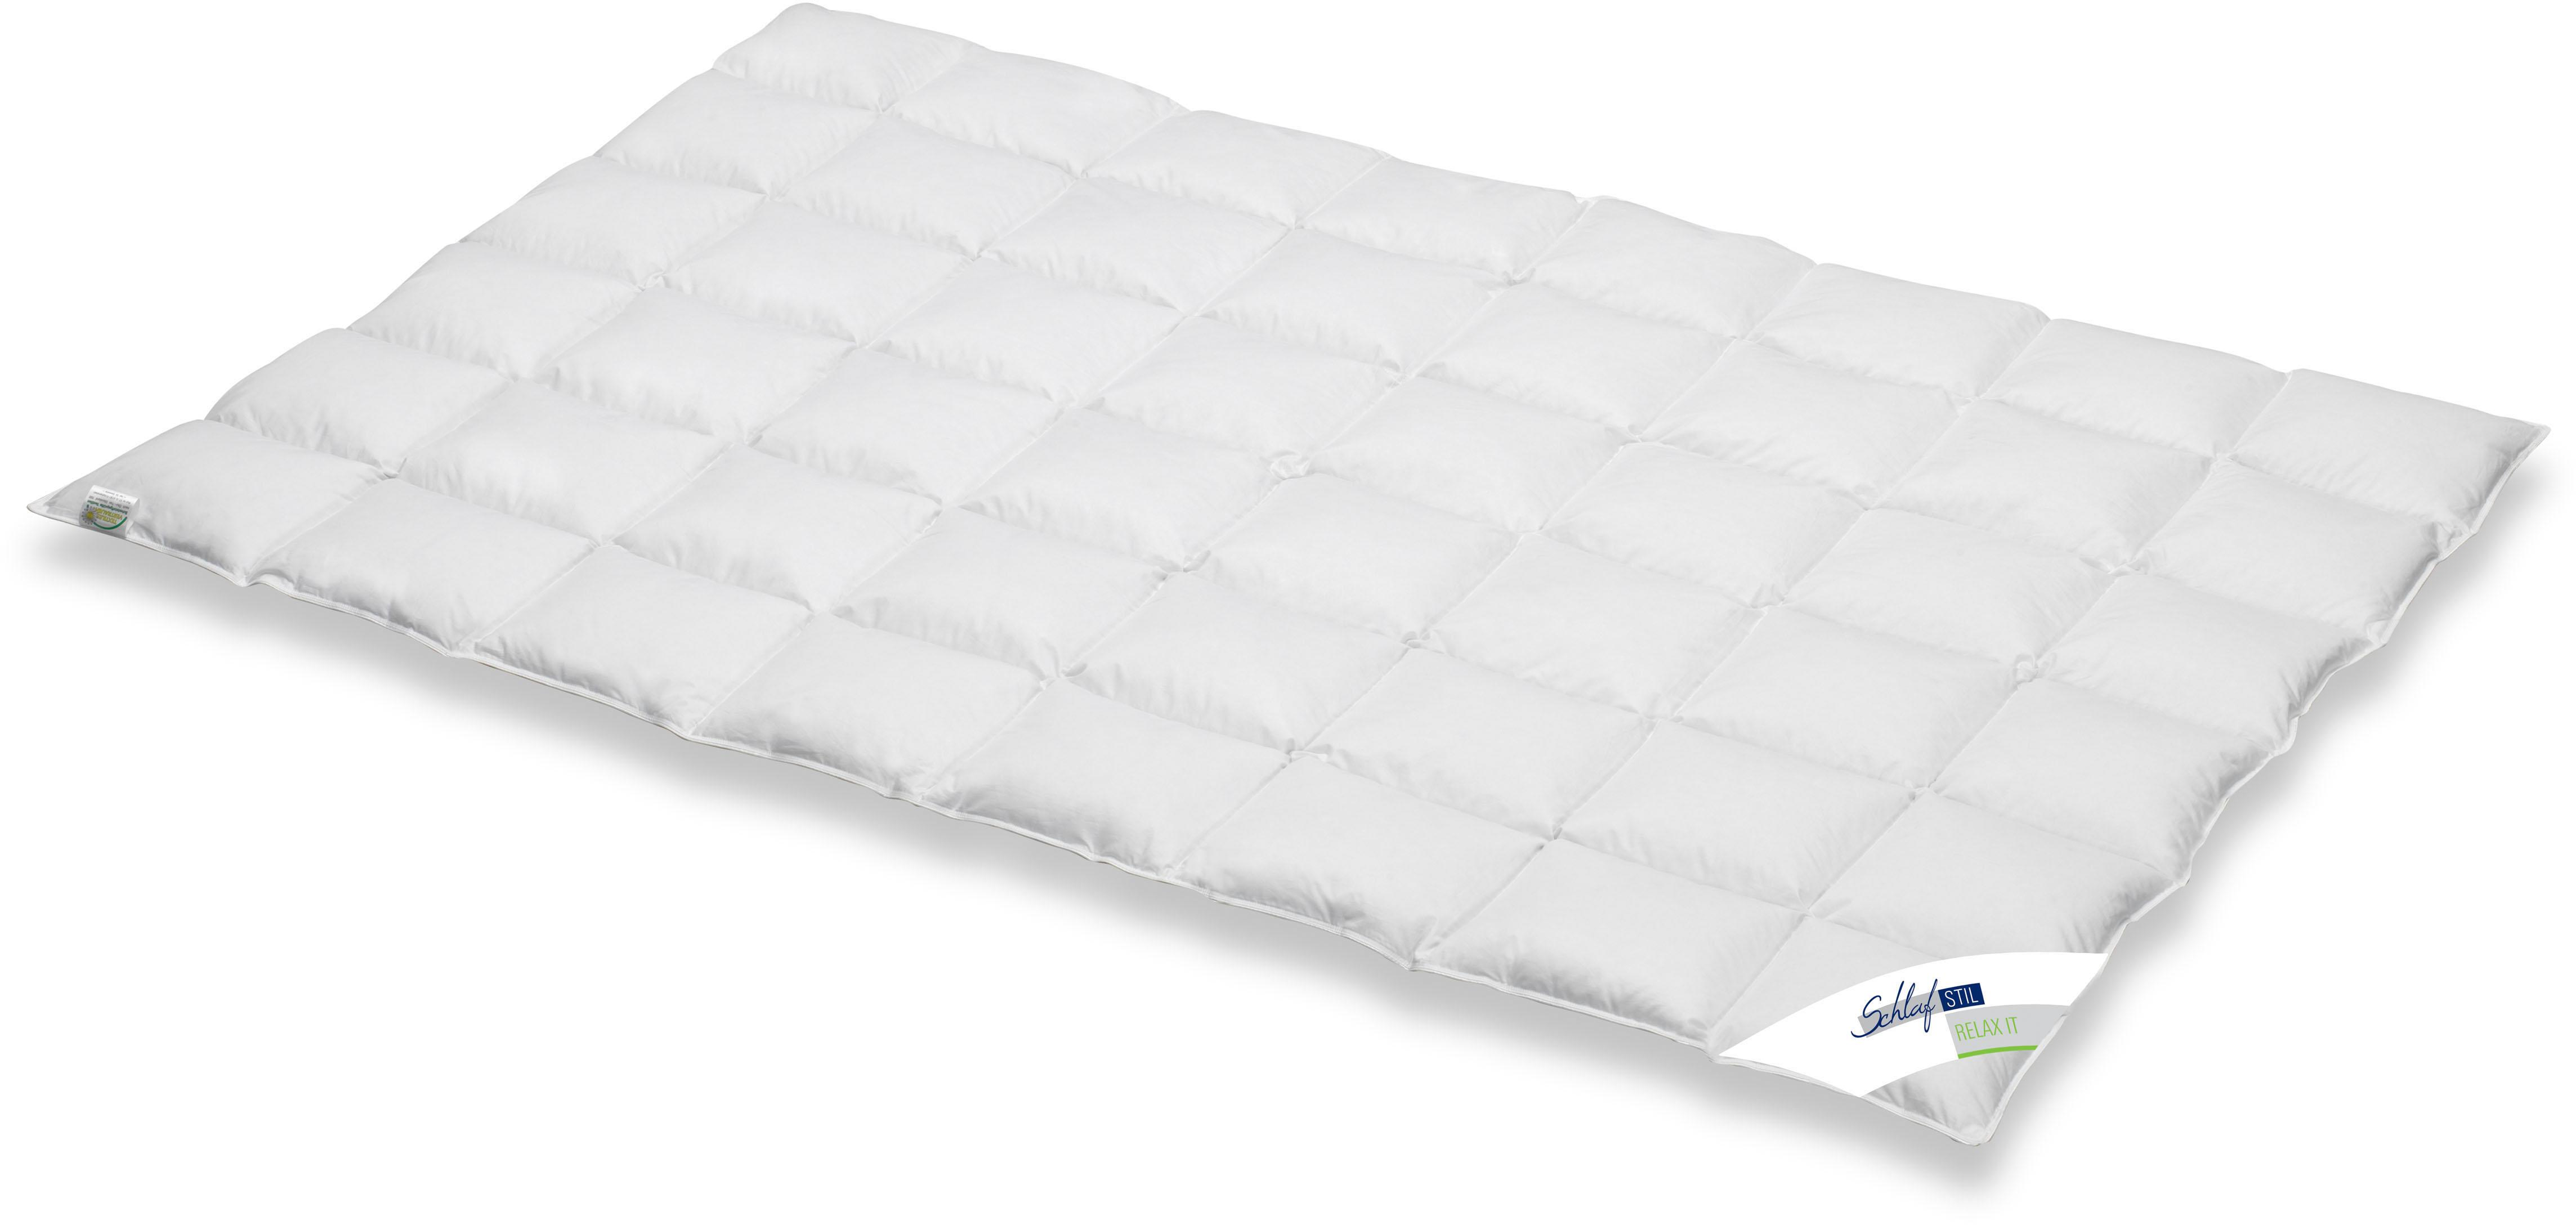 Daunenbettdecke Relax It Schlafstil leicht Füllung: 60% Daunen 40% Federn Bezug: 100% Baumwolle